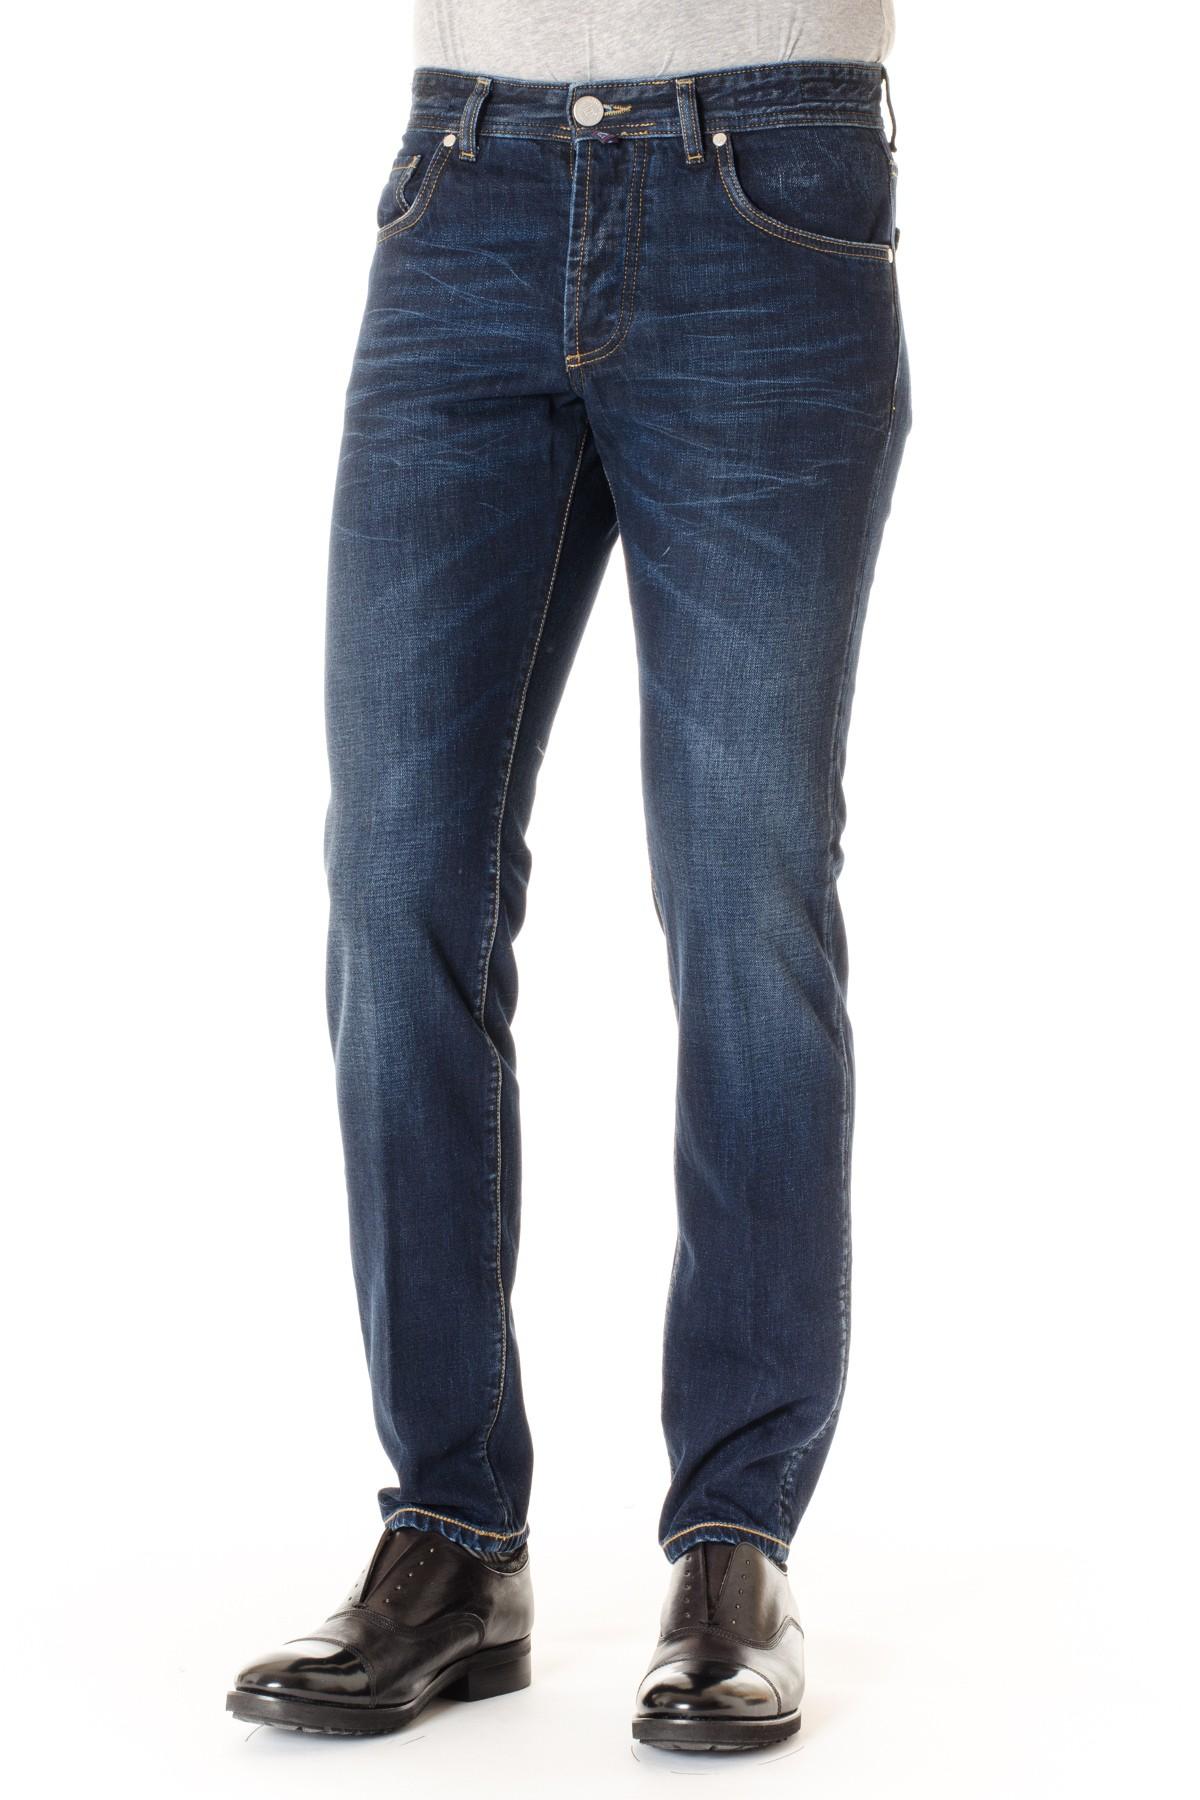 Jeans per uomo MARINELLA denim A/I 16-17 - Rione Fontana